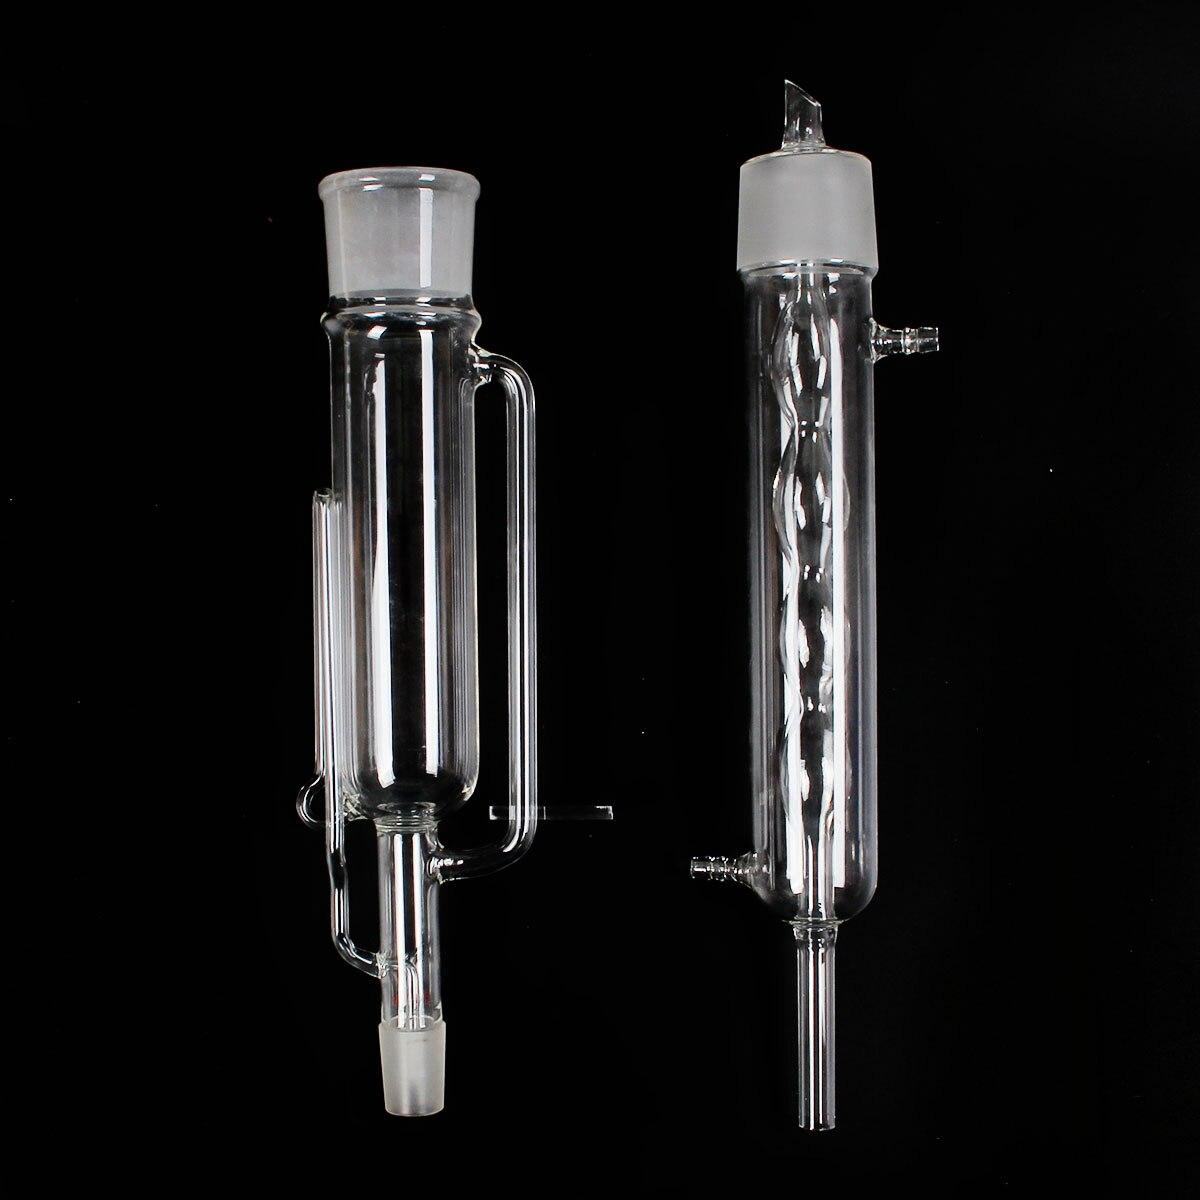 500 мл 24/29 Стекло сокслет Allihn конденсатор тела Стекло ware комплект лаборатории Стекло набор посуды поставки прозрачный